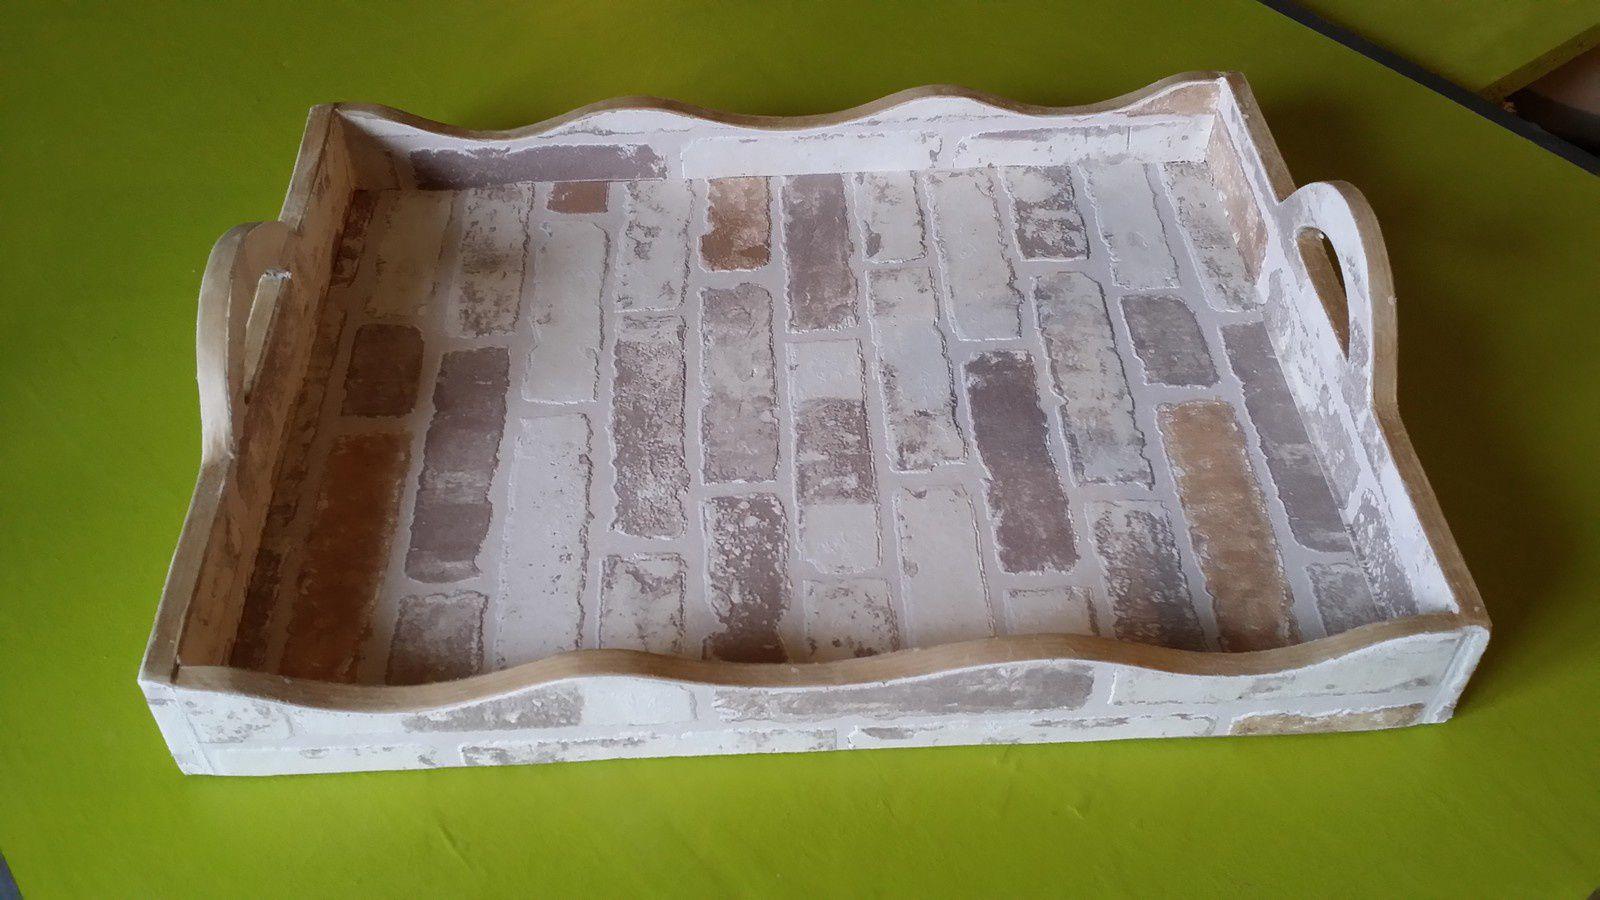 Tuto pour fabriquer un plateau en carton